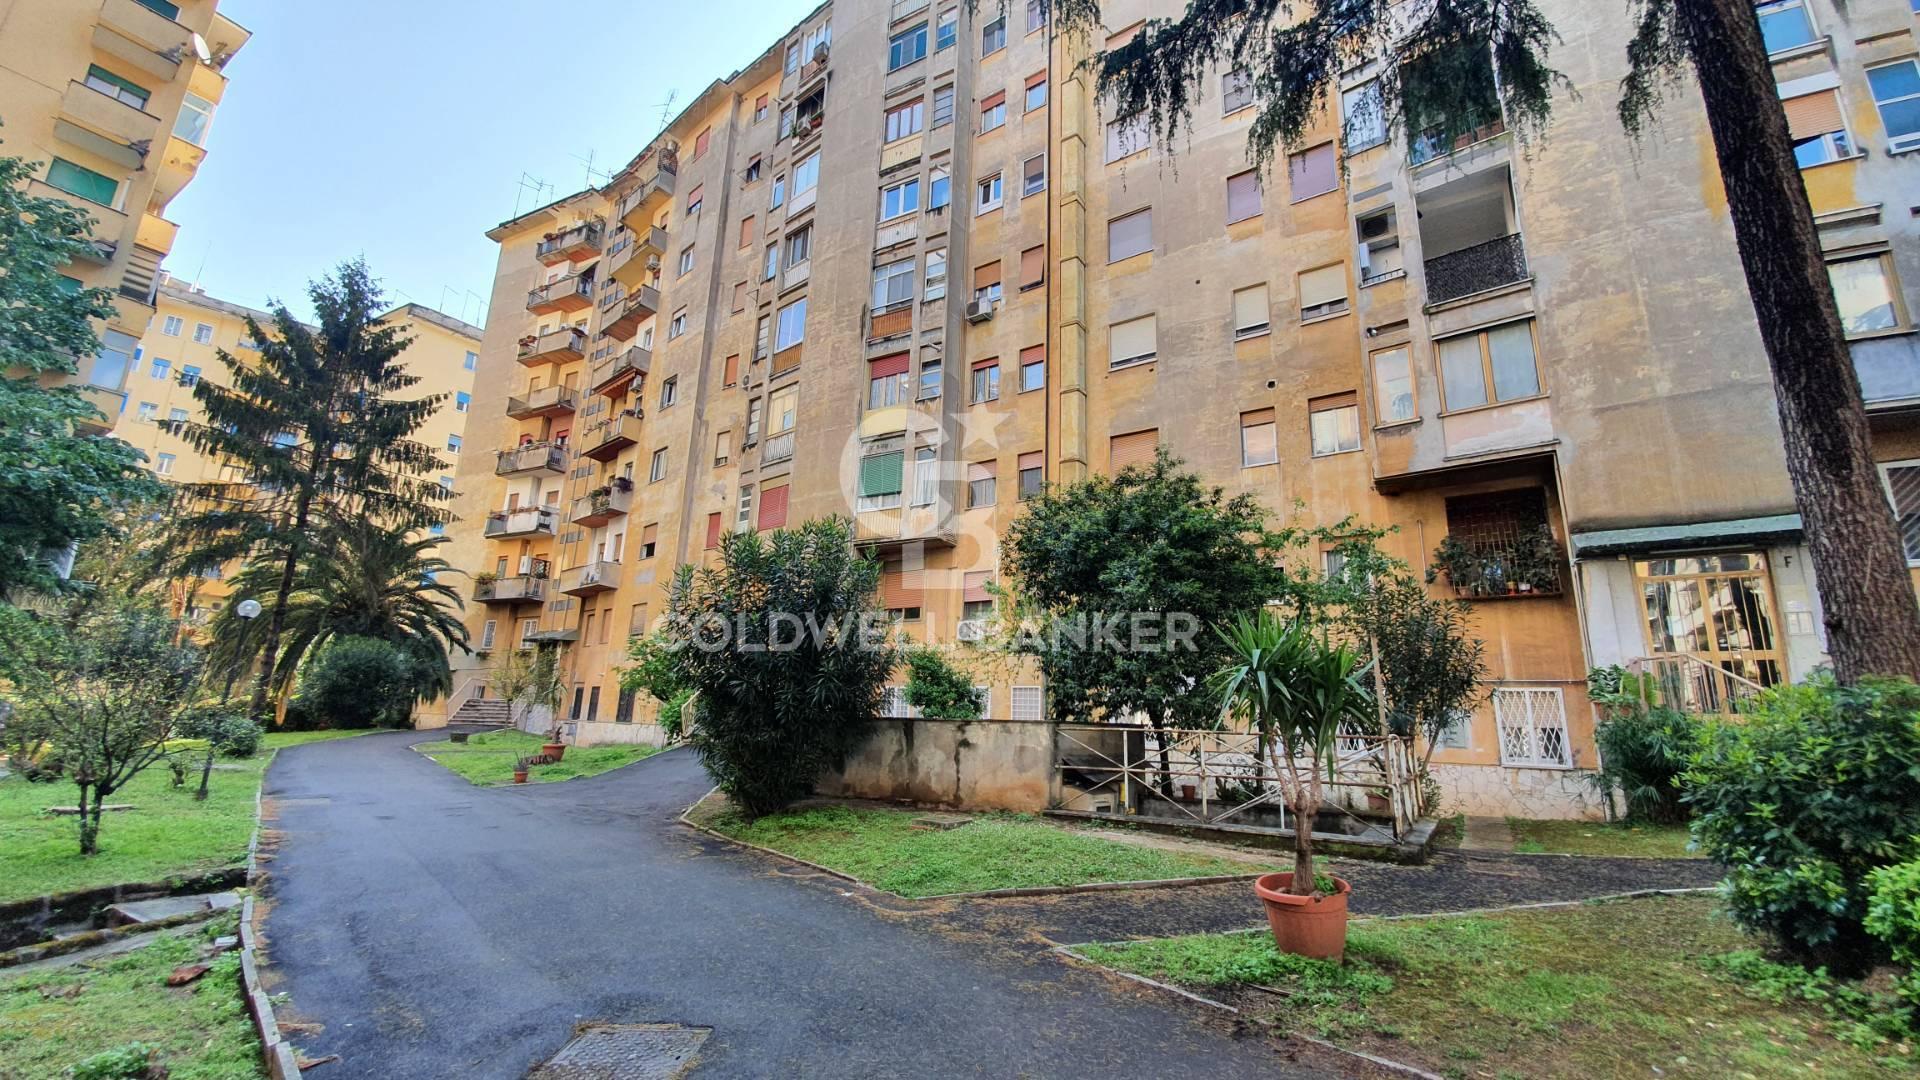 Appartamento in vendita a Roma, 3 locali, zona Località: Montagnola, prezzo € 269.000 | CambioCasa.it